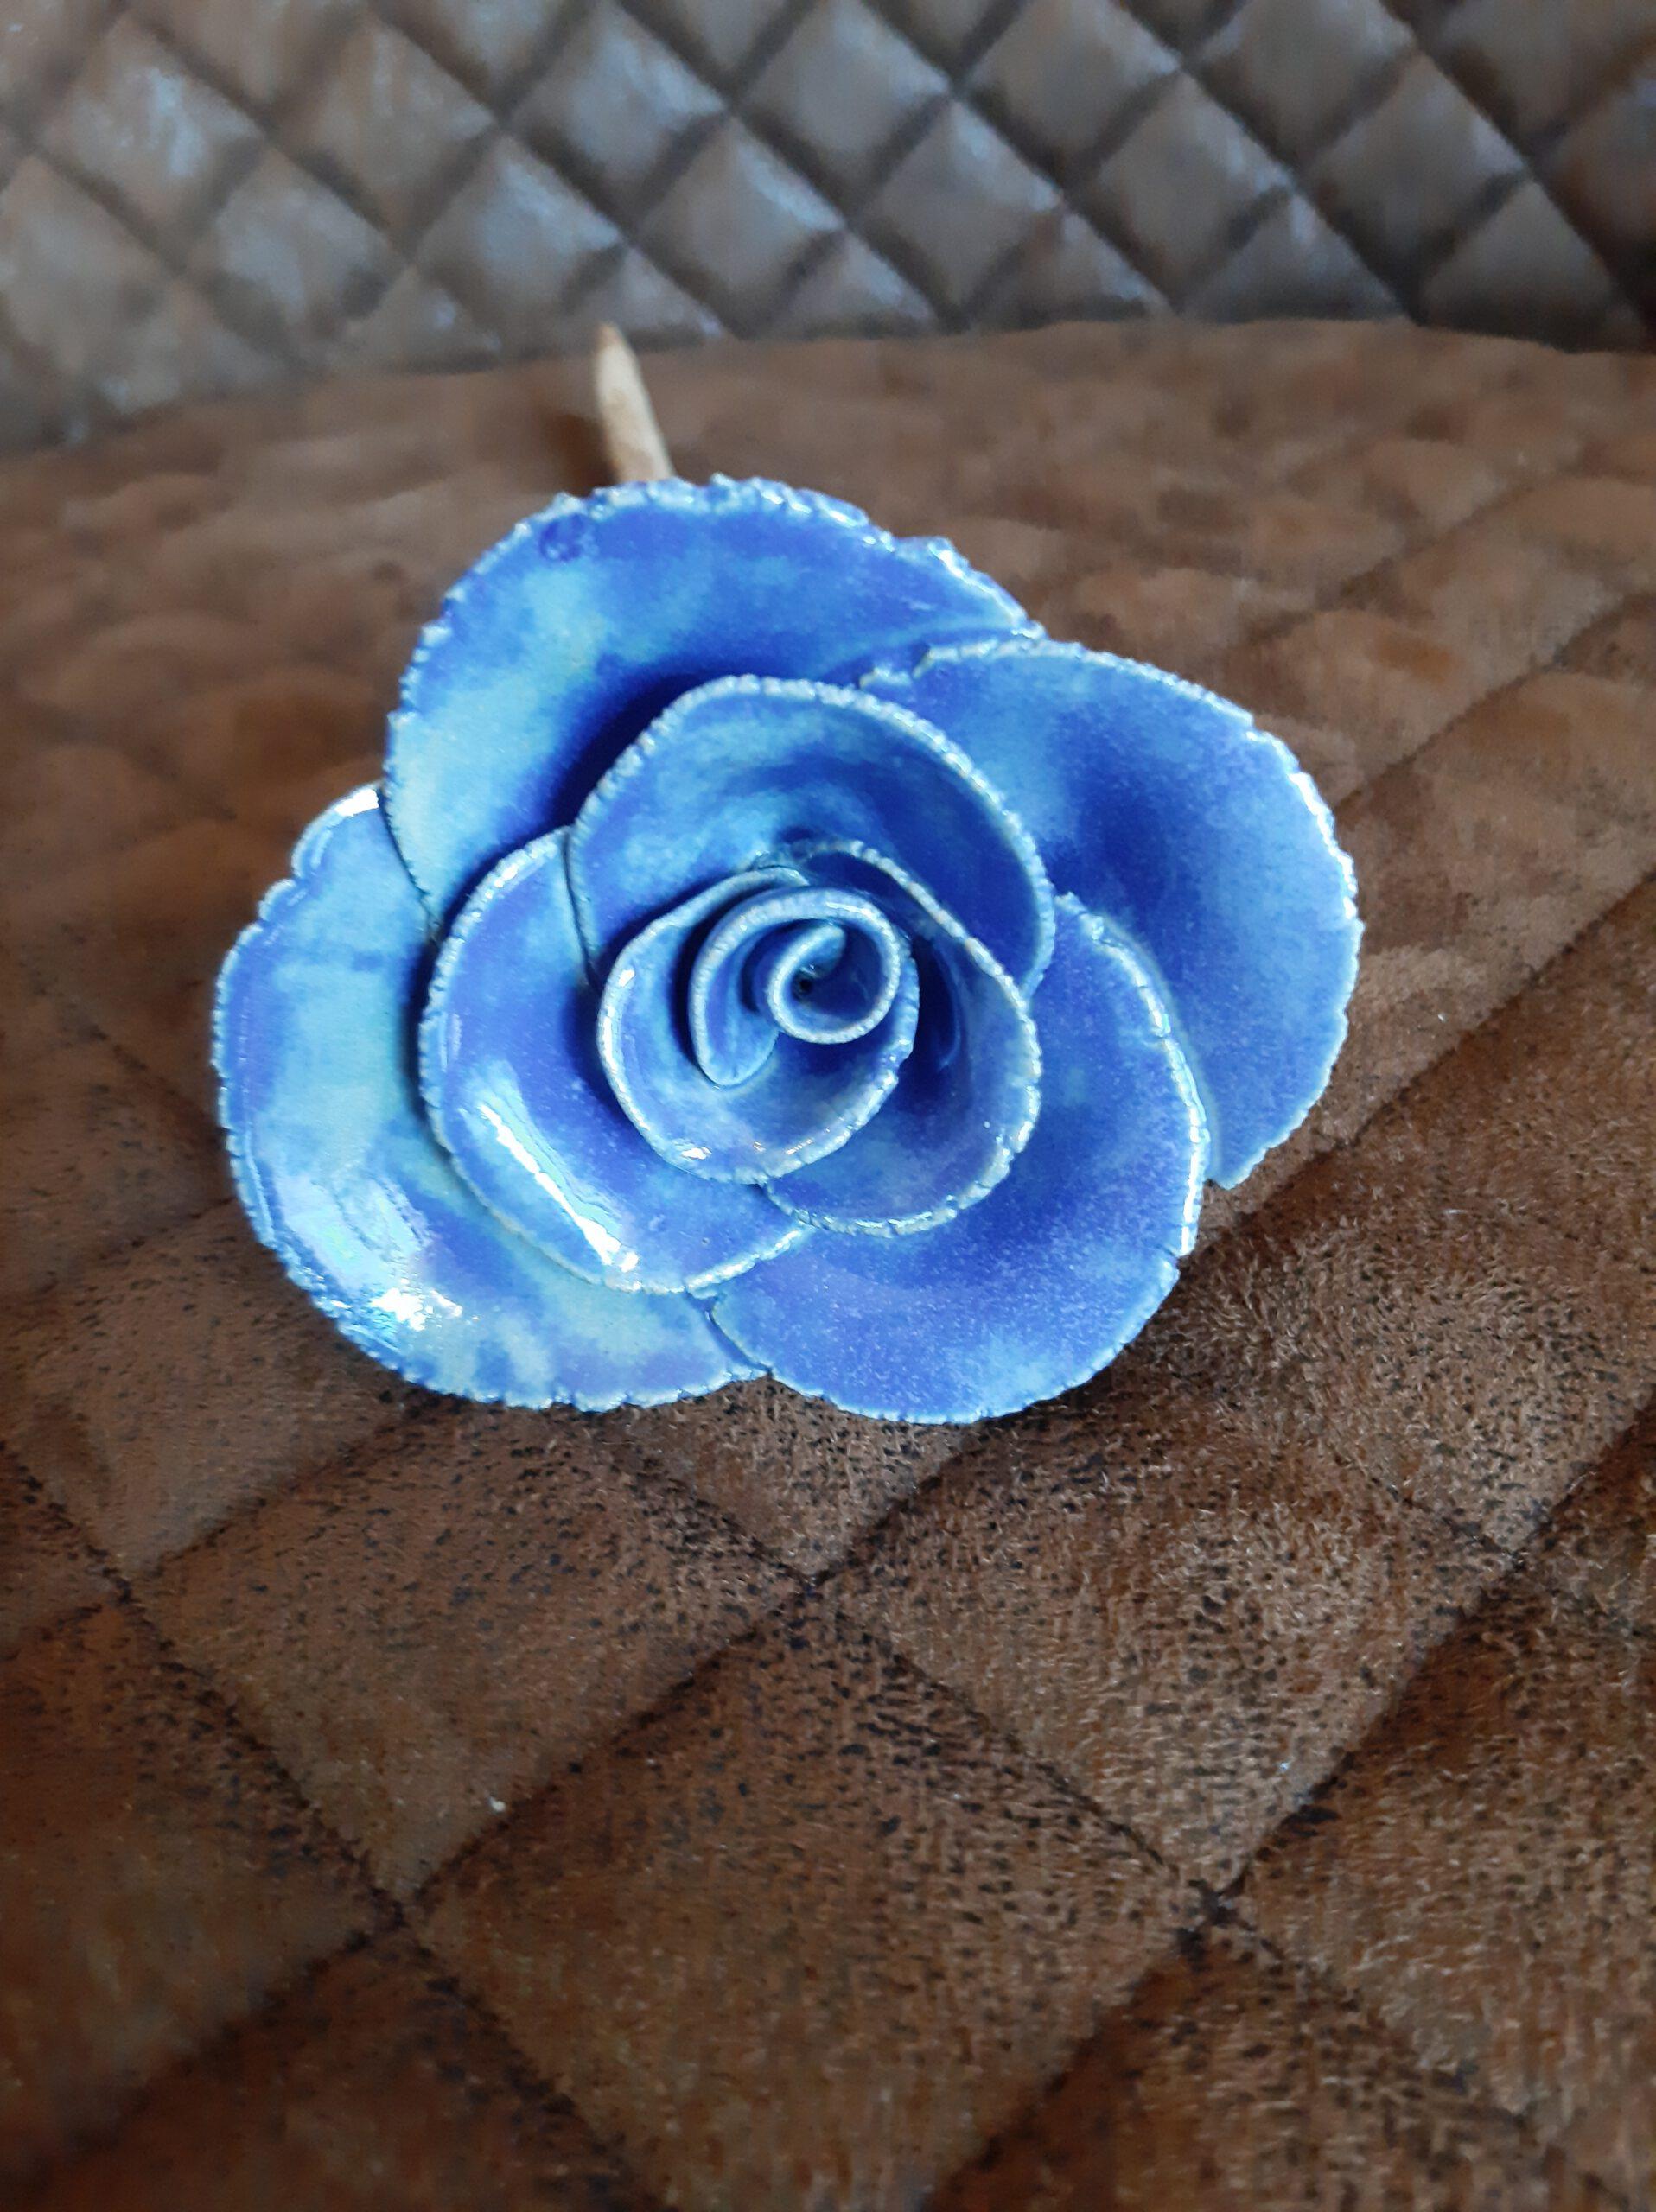 blaue Rose, Kunst aus Ton, Pottery Art, inmitten von Augsburg, Kreativität, Geschenke , besondere Handarbeit, Originelles, KeraMik von Herz zu Herz